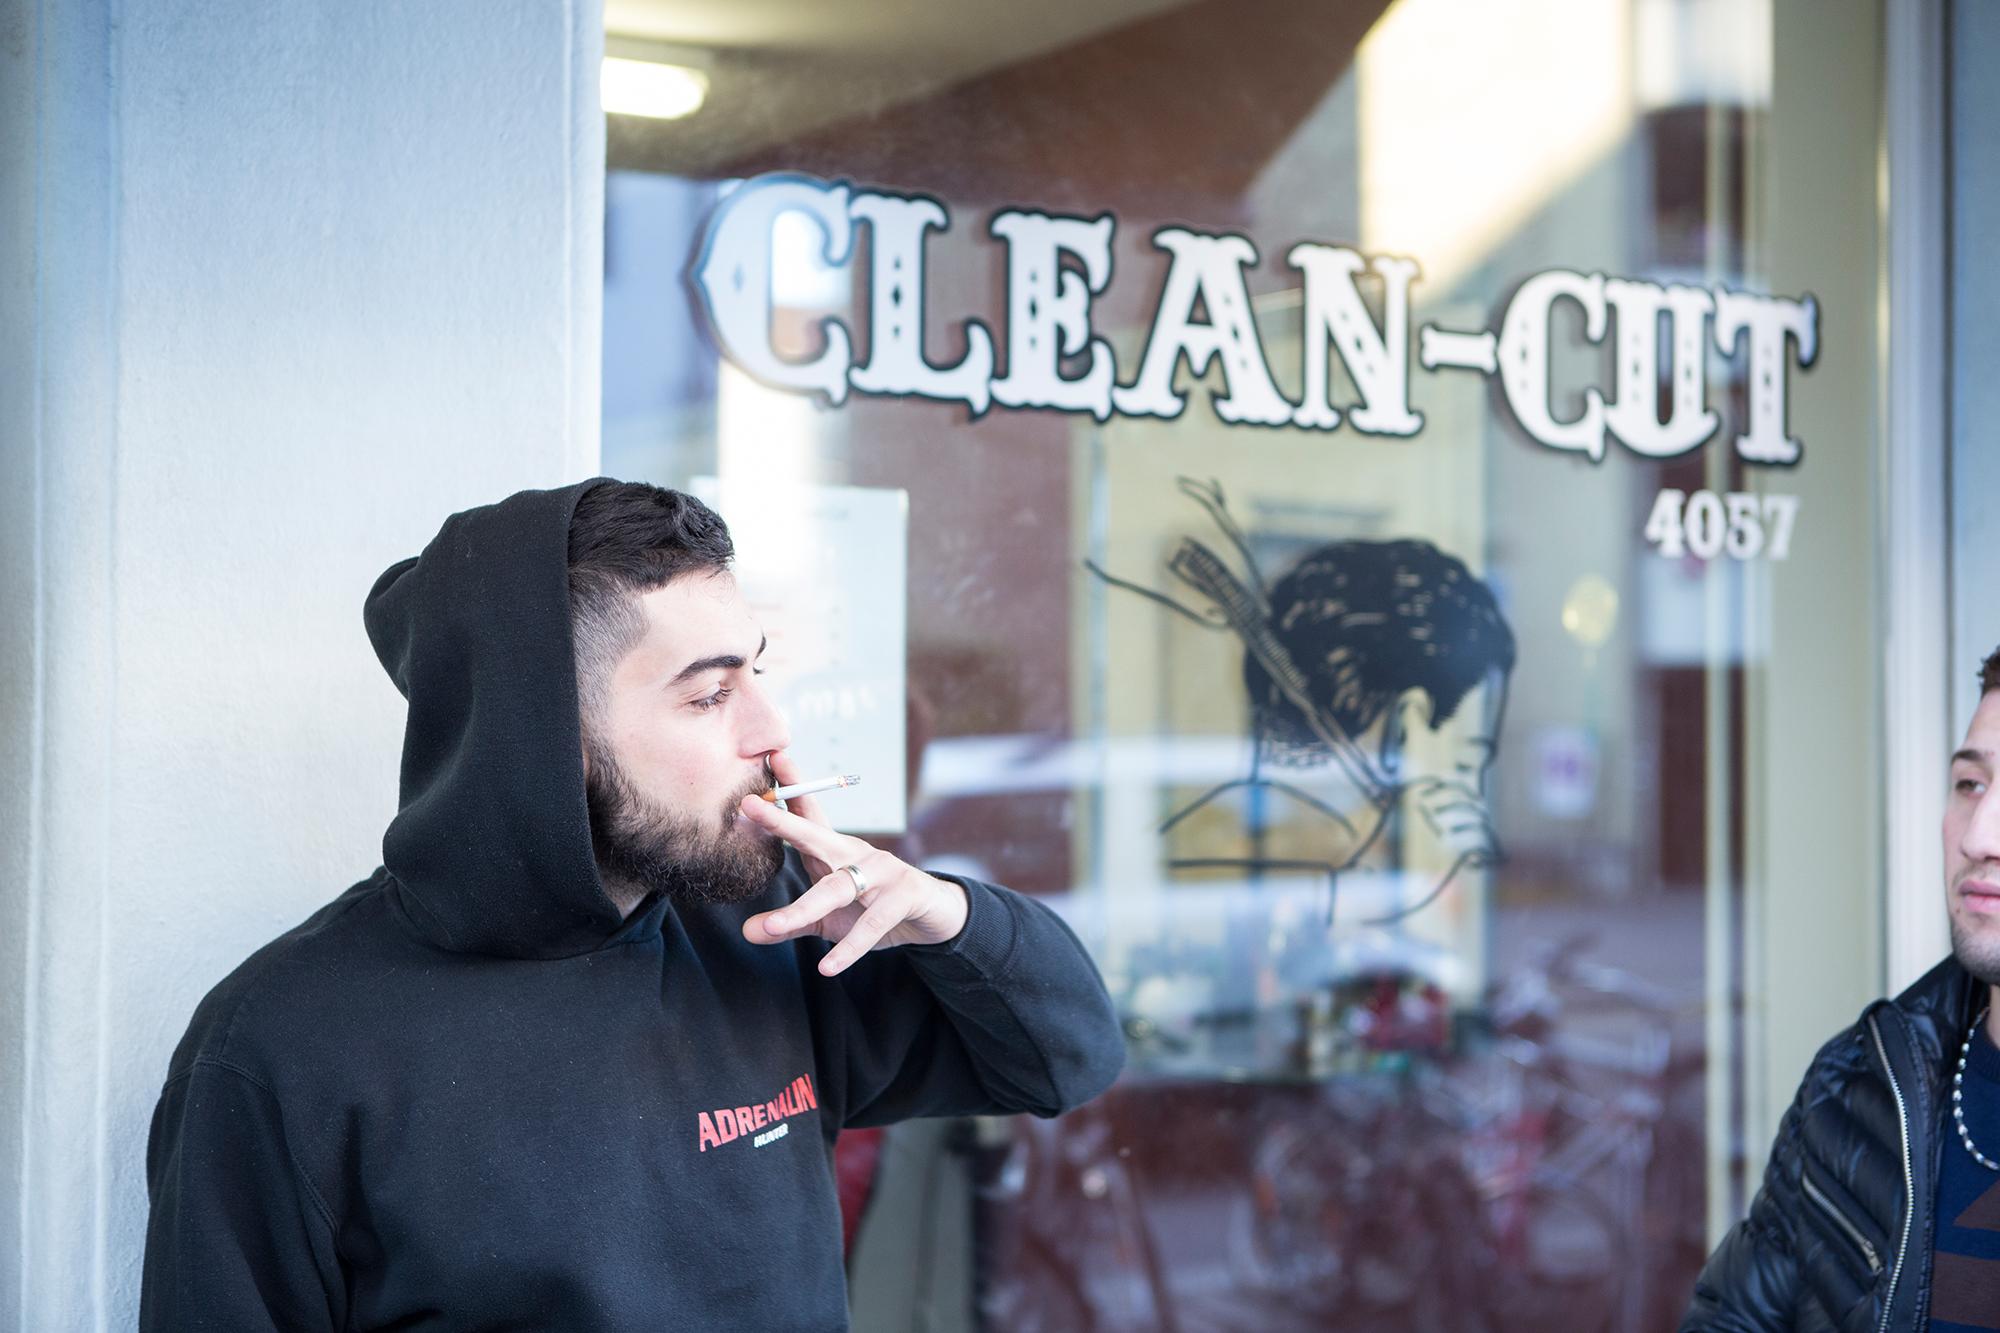 Esat Akpinar aka. S-Hot vor seinem Coiffeursalon in Kleinhüningen, der Laden ist gleichzeitig Treffpunkt für seine «Jungs».